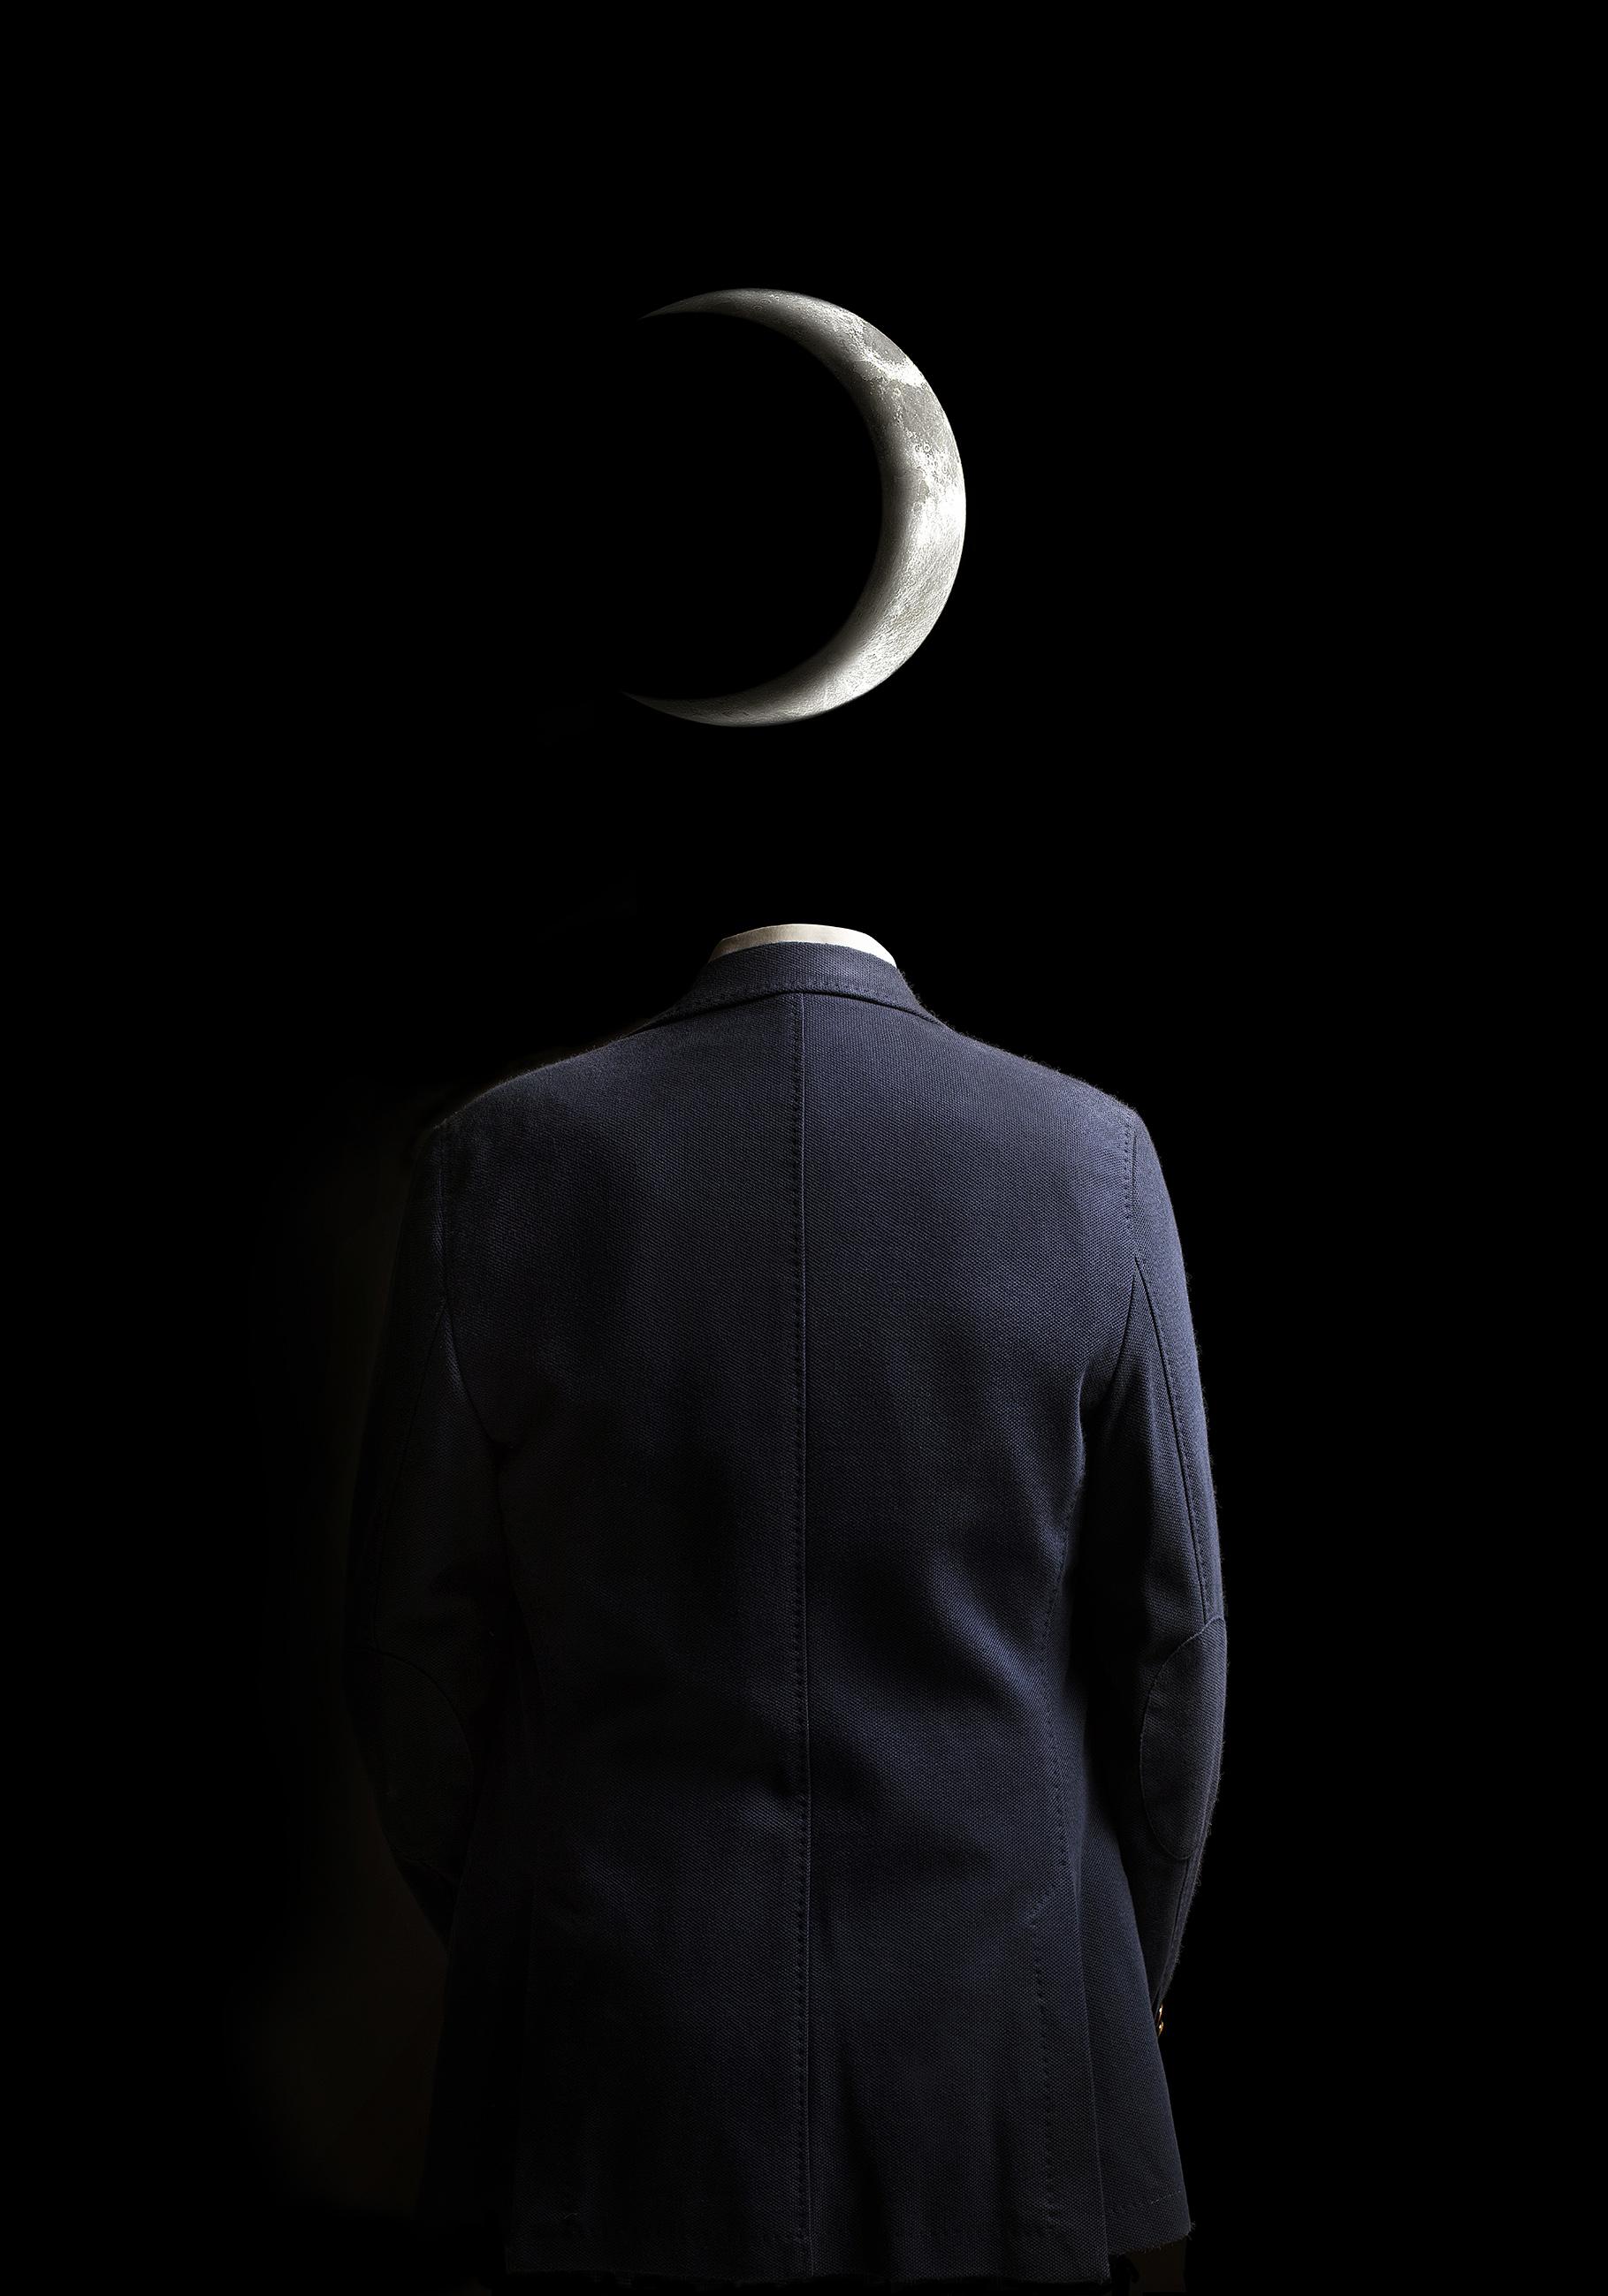 Ceci n'est pas la lune